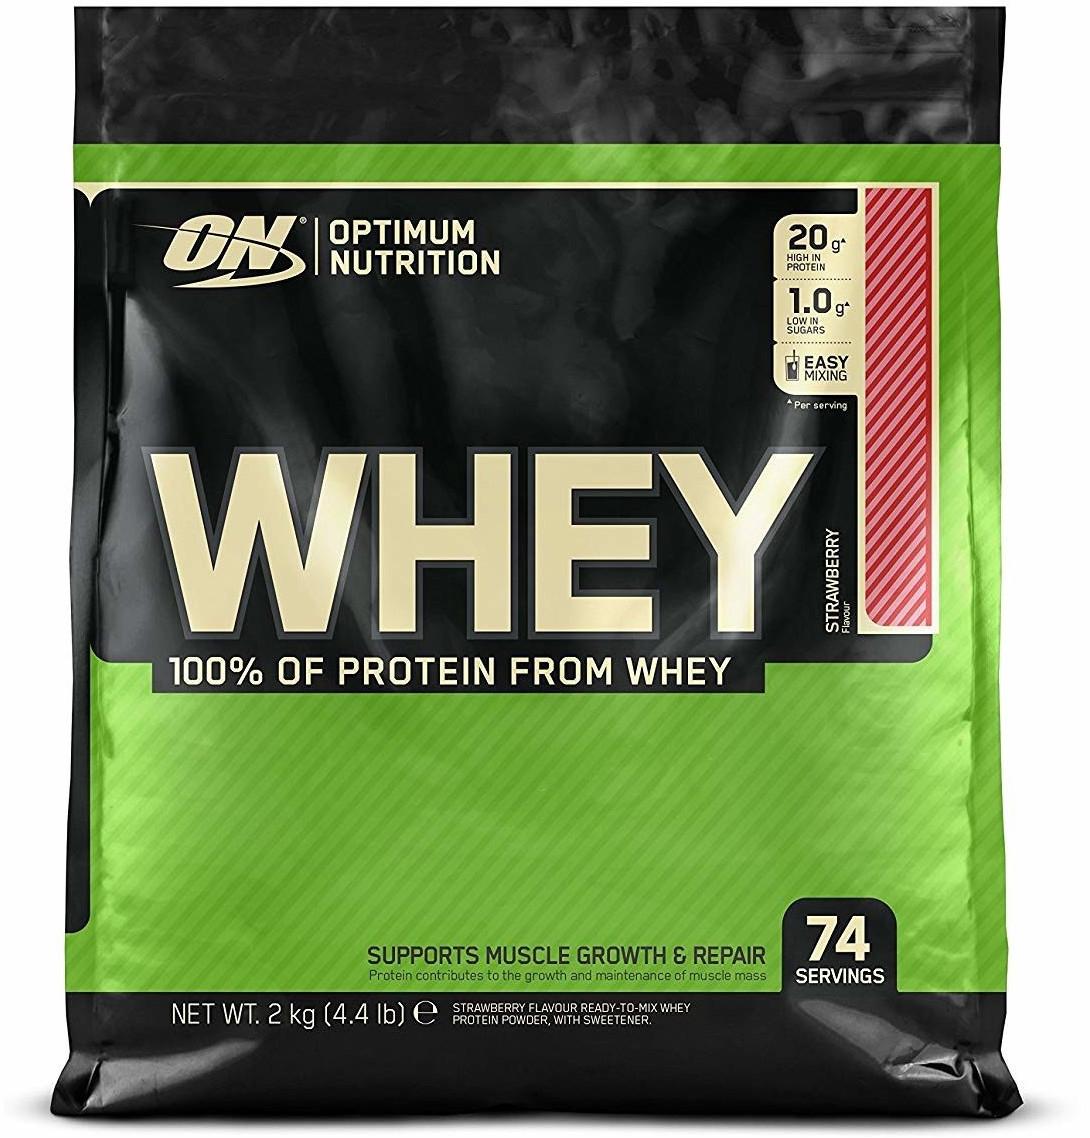 6kg Optimum Nutrition Whey Erdbeere - 7,25€/kg ab 50 EUR MBW vor Gutscheinabzug (+ Proteinriegel, Pulvermahlzeit, Instant Oats)